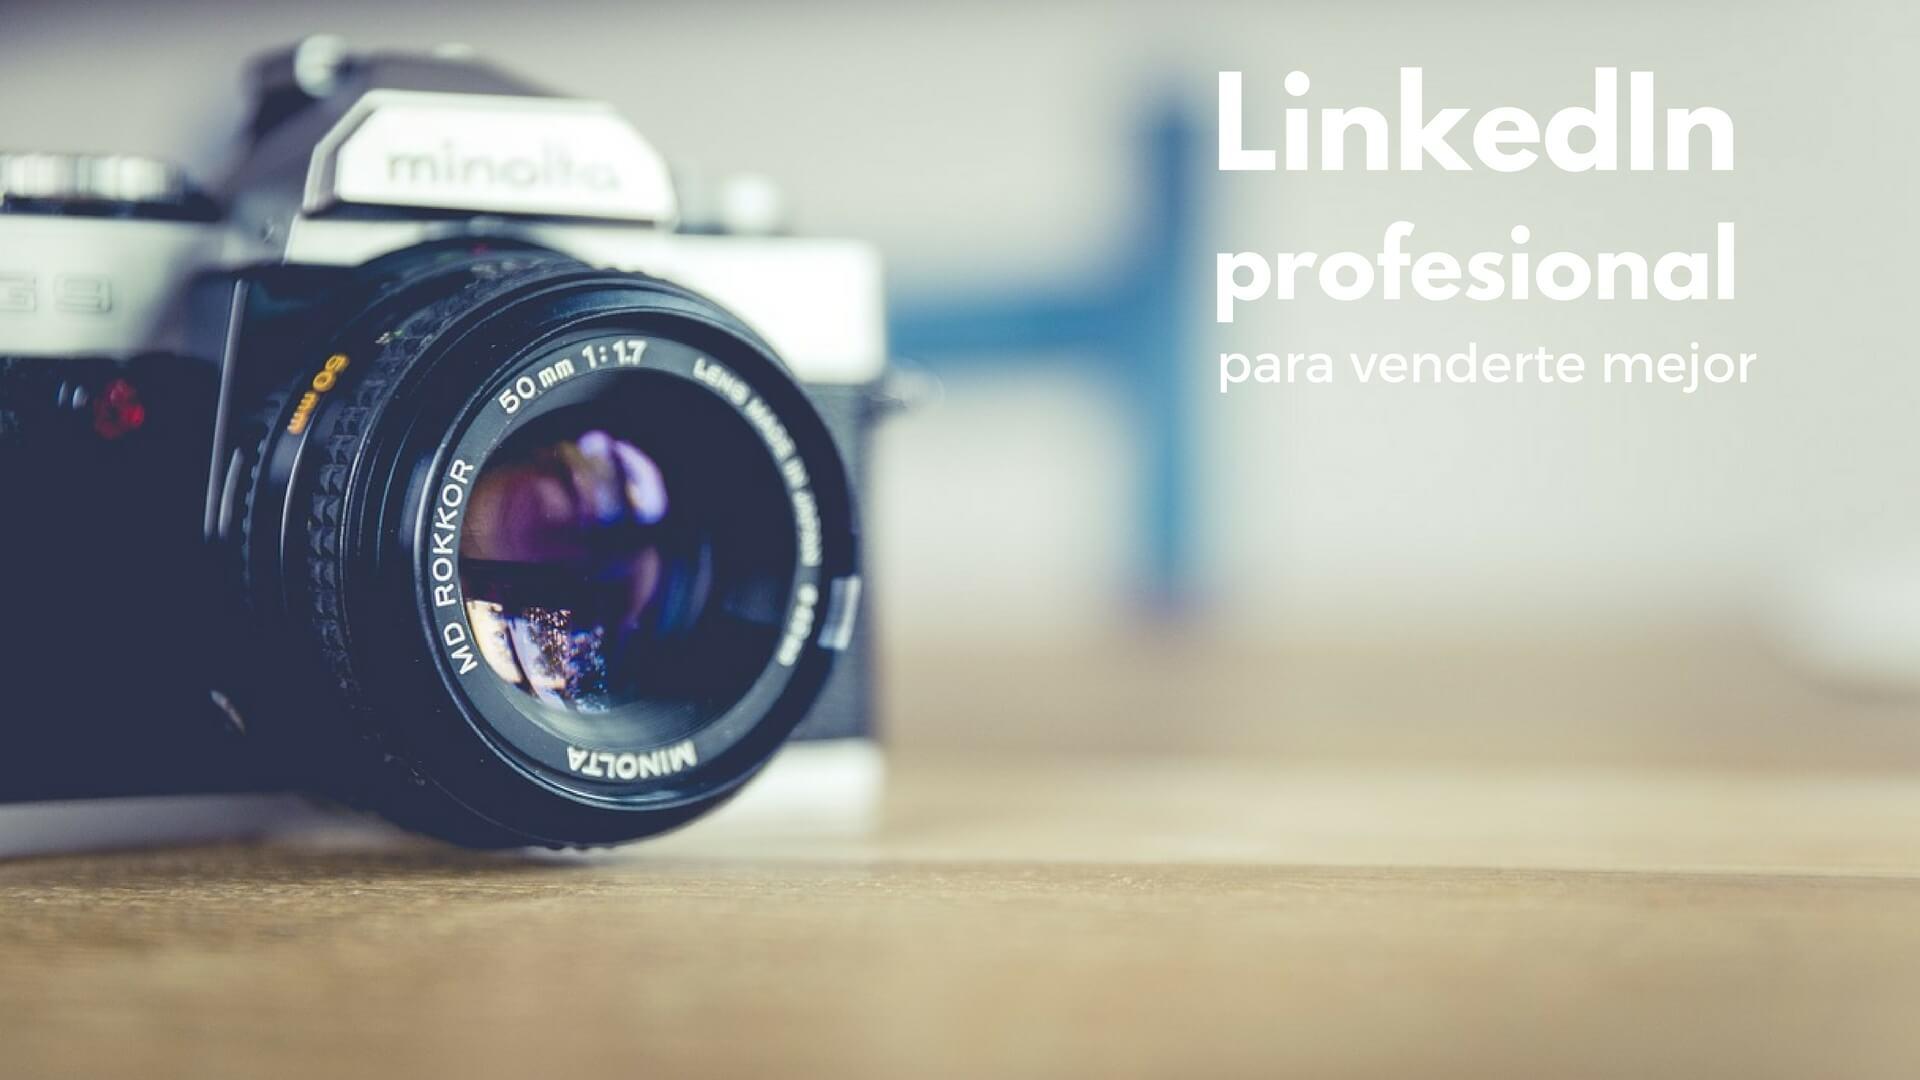 Cómo utilizar LinkedIn como un profesional para venderte mejor